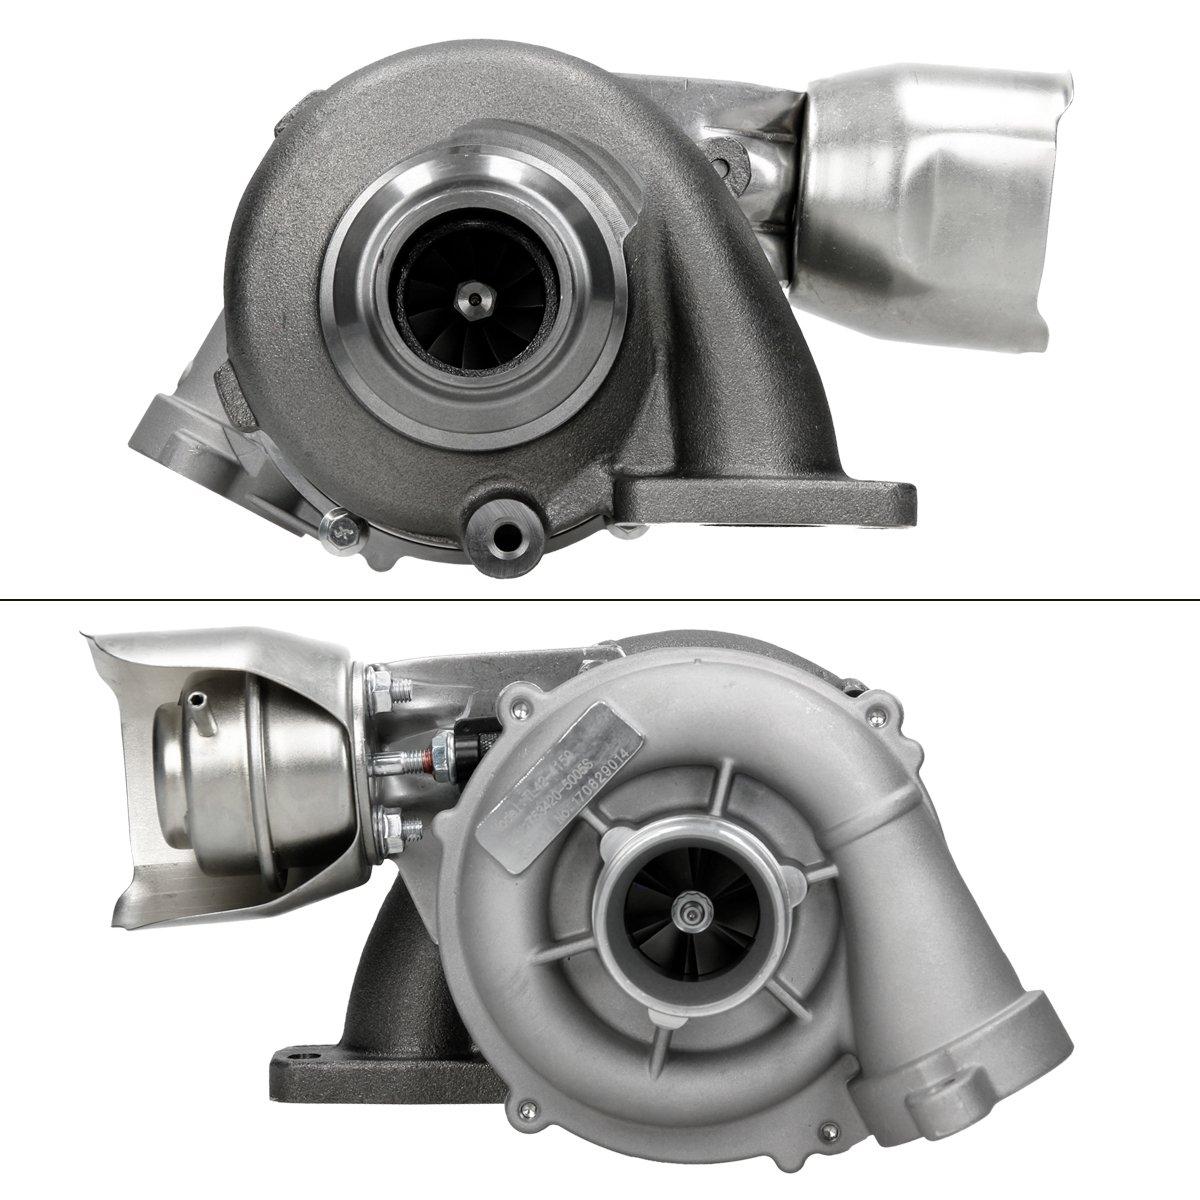 Montagesatz ECD Germany TL42-4150 Turbolader Abgasturbolader inkl